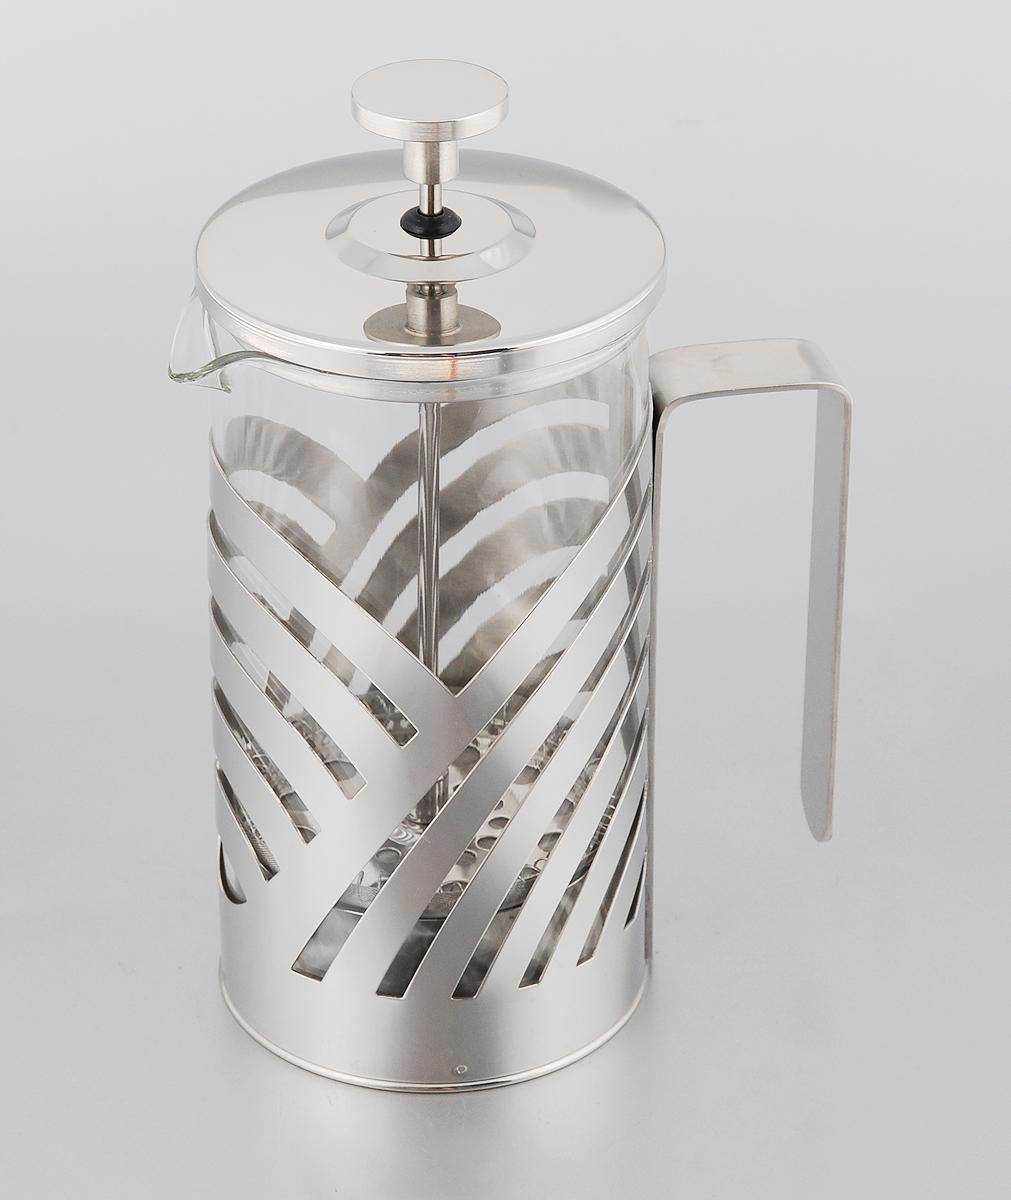 Френч-пресс Mayer & Boch, 600 мл. 2322123221Френч-пресс Mayer & Boch позволит быстро и просто приготовить свежий и ароматный чай или кофе. Корпус изготовлен из высококачественного жаропрочного боросиликатного стекла, устойчивого к окрашиванию, царапинам и термошоку. Фильтр-поршень из нержавеющей стали выполнен по технологии press-up для обеспечения равномерной циркуляции воды. Готовить напитки с помощью френч-пресса очень просто. Насыпьте внутрь заварку и залейте кипятком. Остановить процесс заваривания легко. Для этого нужно просто опустить поршень, и заварка уйдет вниз, оставляя вверху напиток, готовый к употреблению. Заварочный чайник с прессом - это совершенный чайник для ежедневного использования. Практичный и стильный дизайн полностью соответствует последним модным тенденциям в создании предметов кухонной утвари. Диаметр: 9 см. Высота (с учетом крышки): 19,5 см.